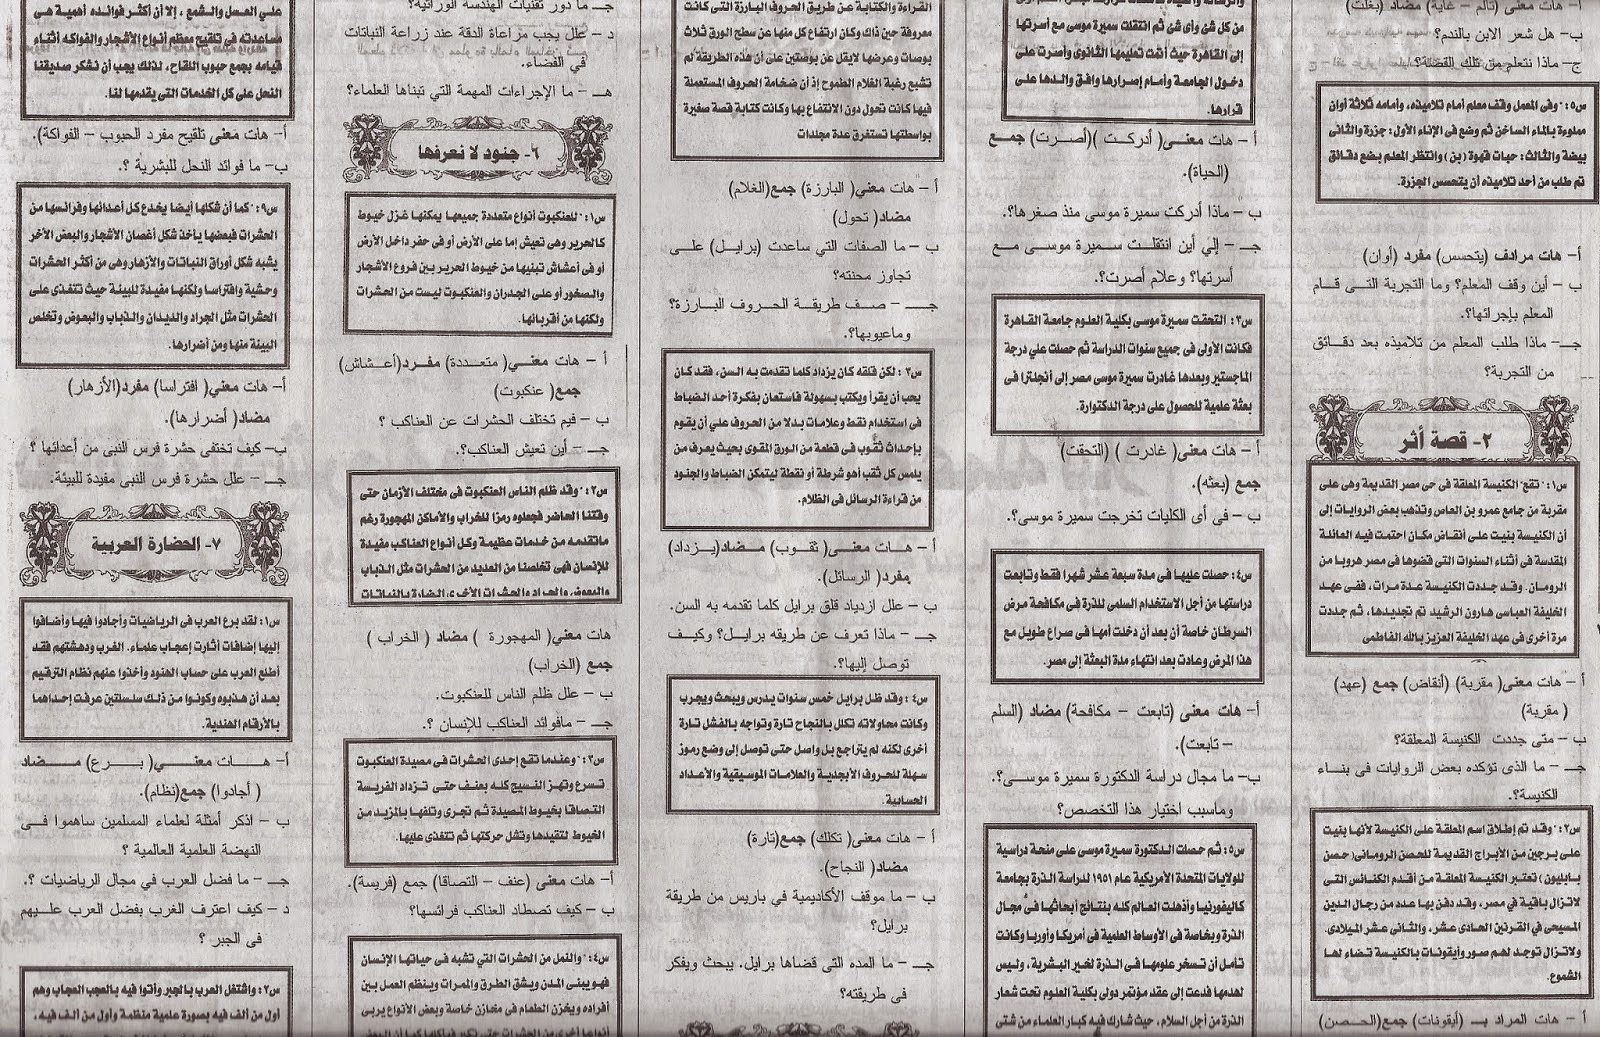 كل مراجعات ملاحق الجمهورية للترم الأول 2015 للشهادة الإبتدائية المنهاج المصري scan0063.jpg